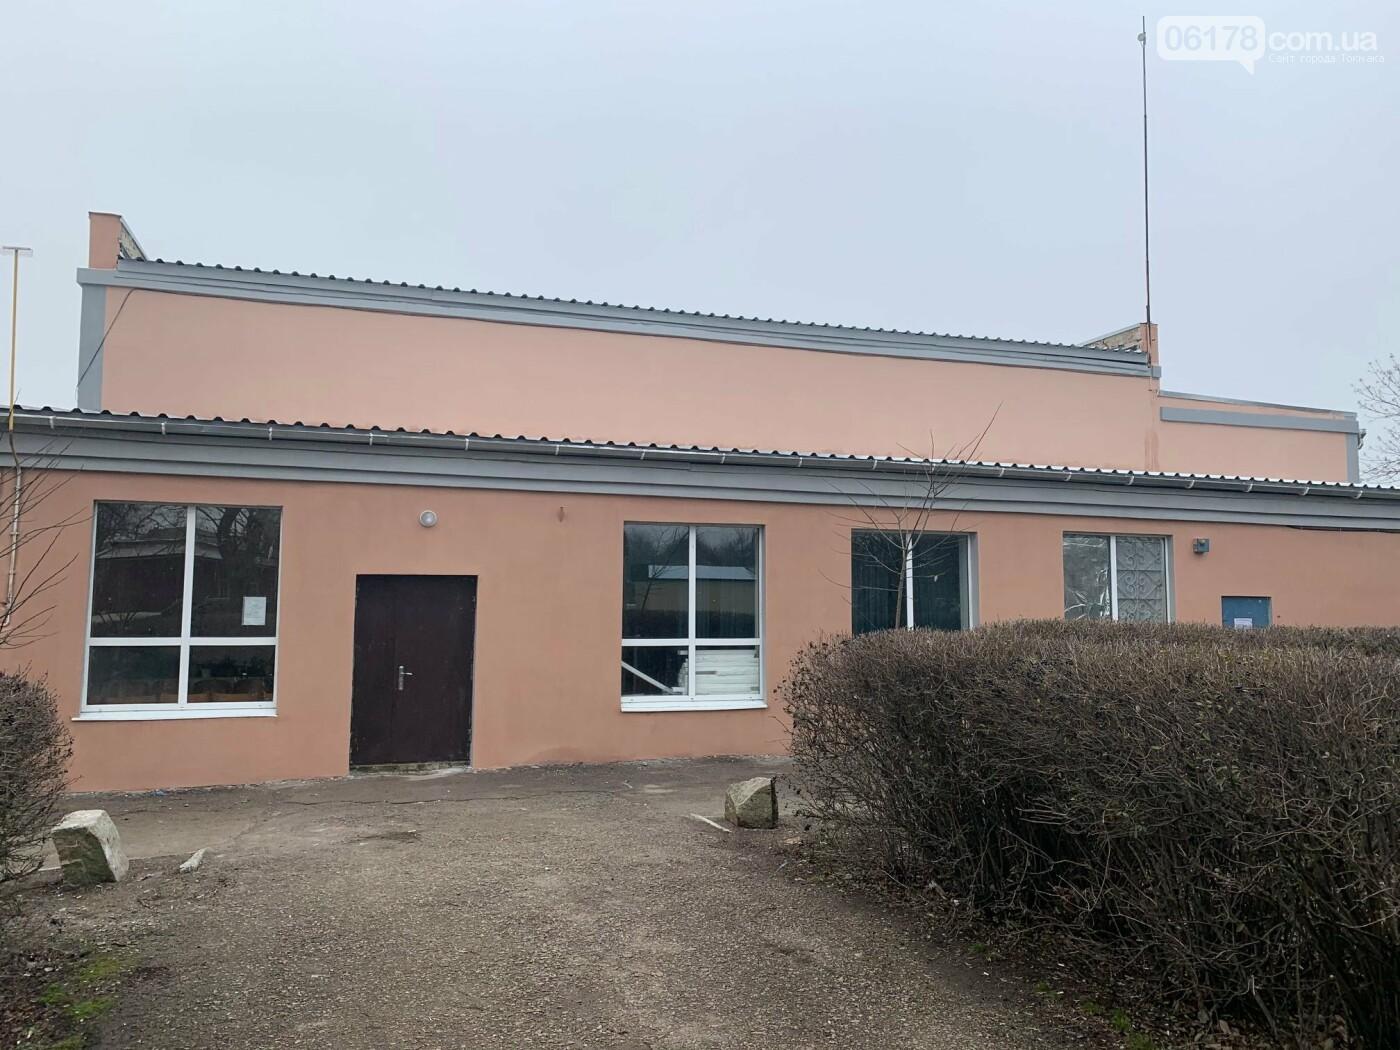 Завершена реконструкция фасадной группы Дома Культуры в поселке Роза, фото-5